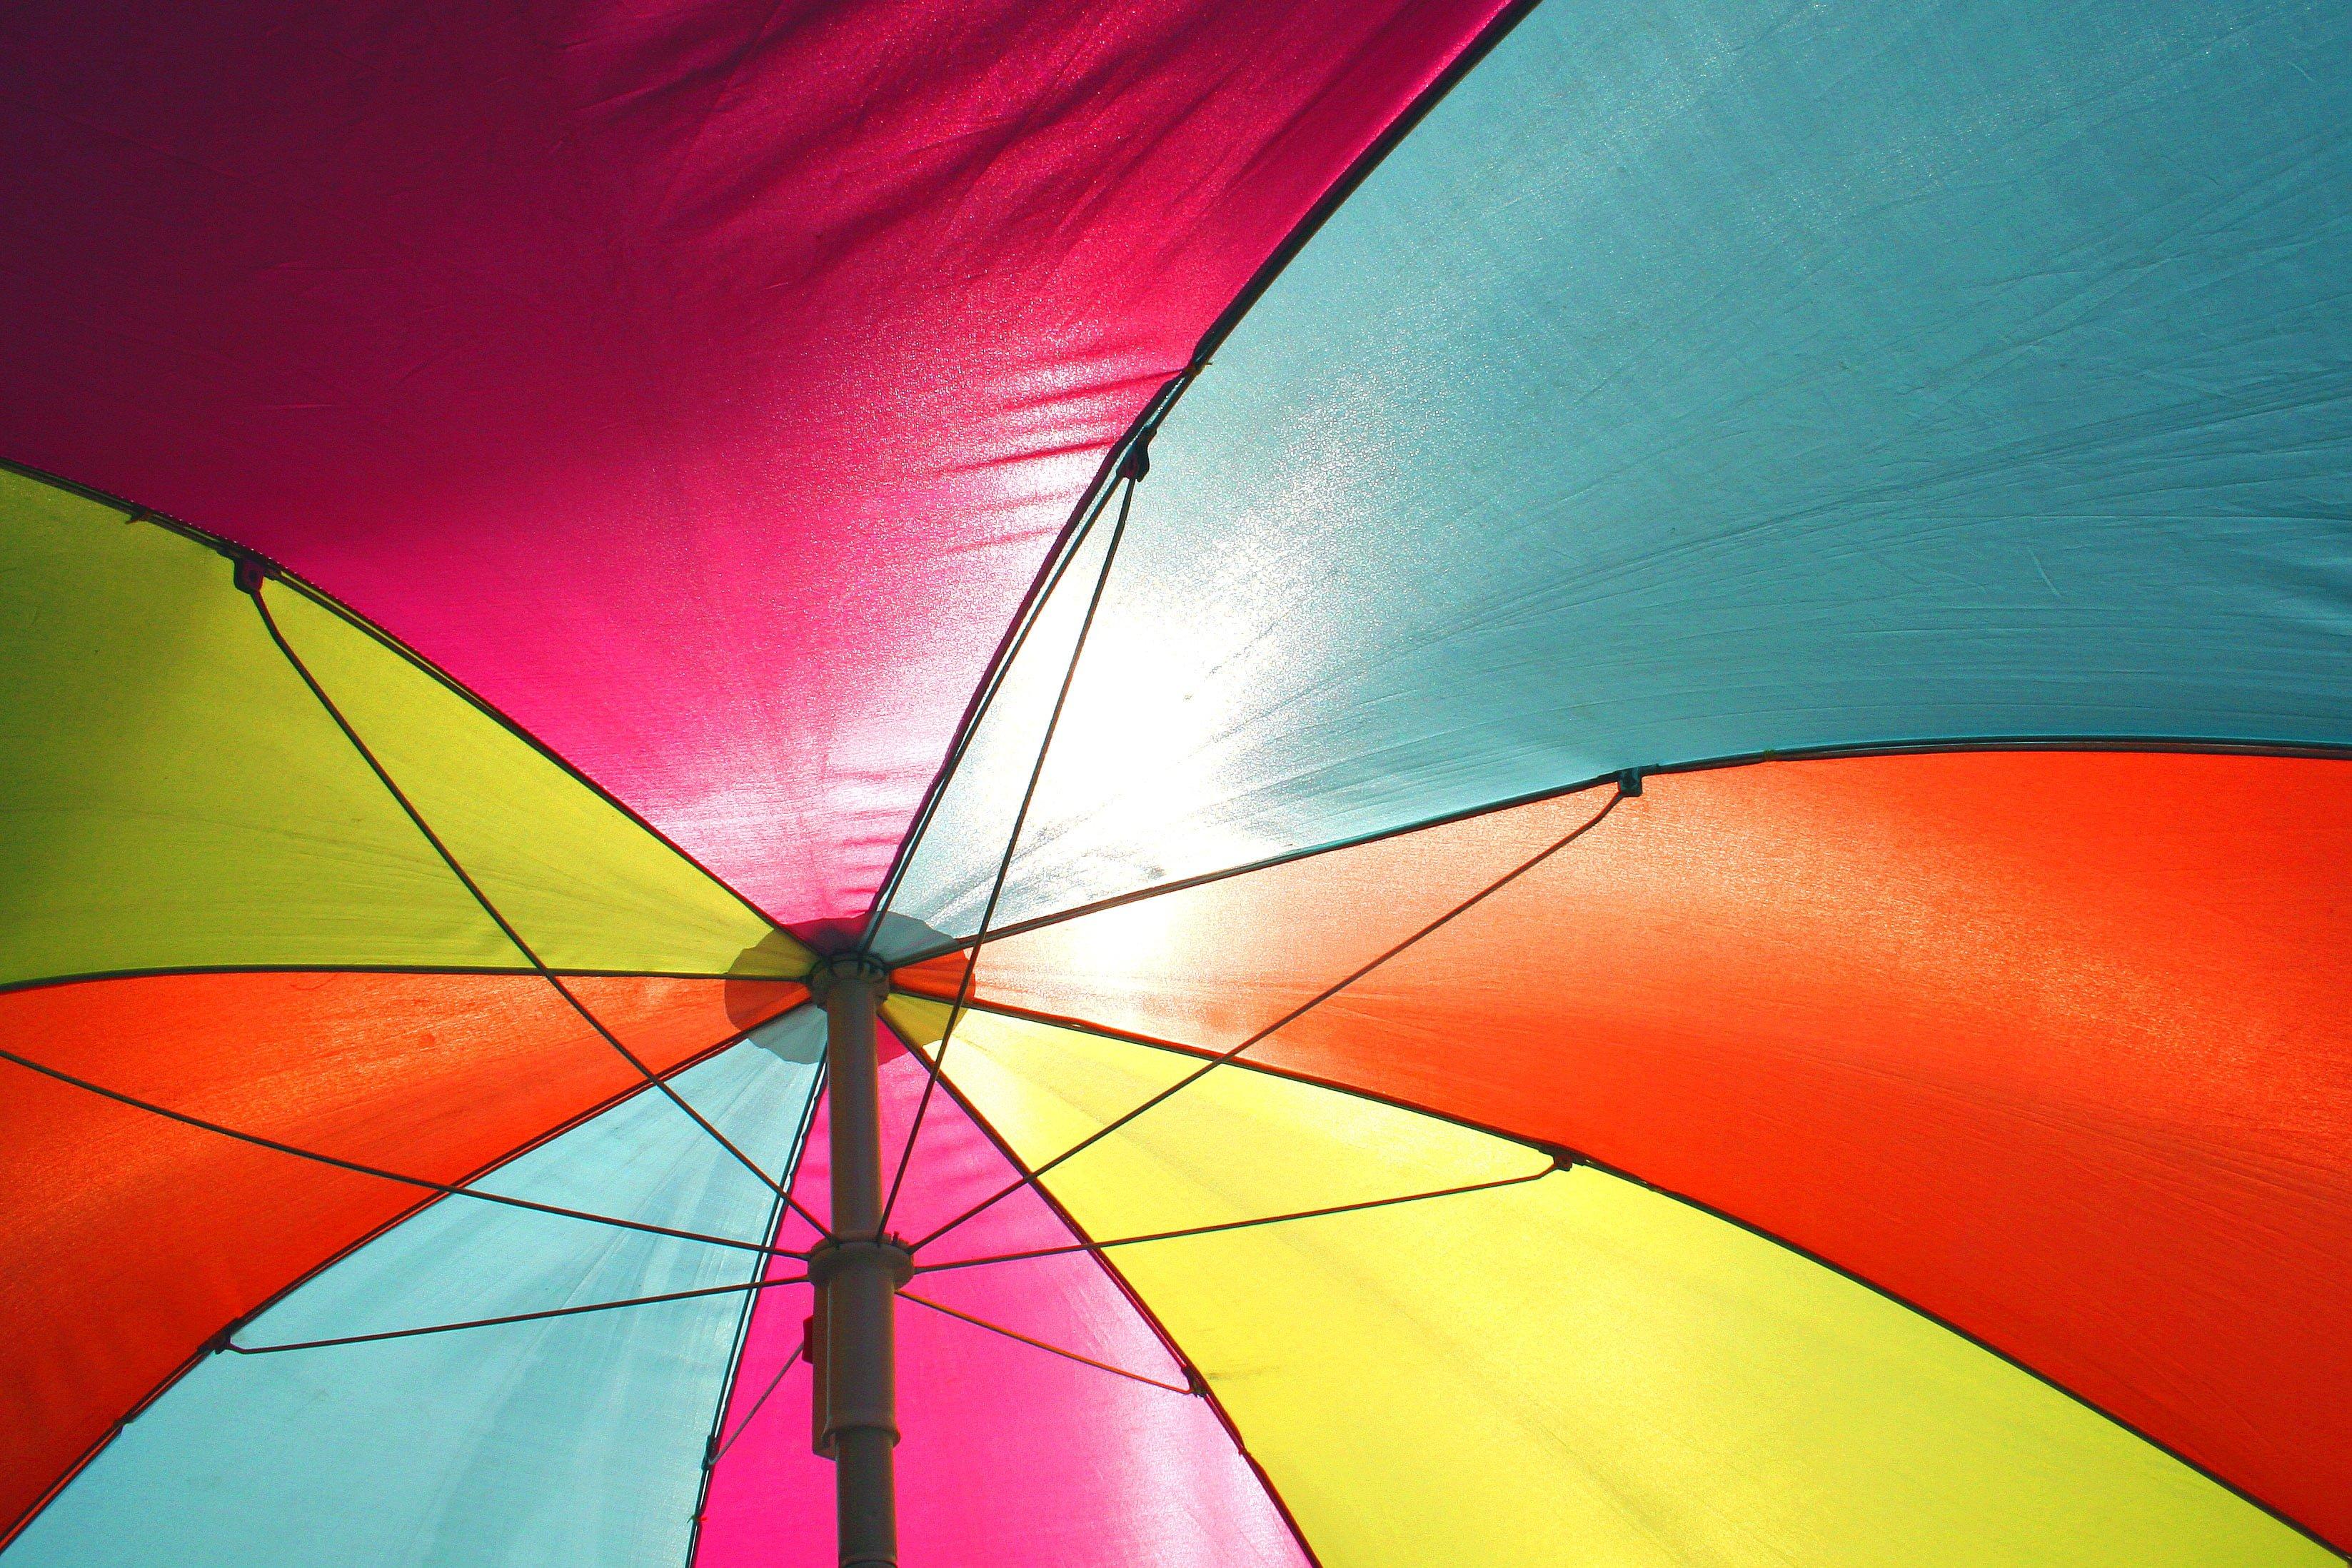 Fargerik paraply (illustrasjon)